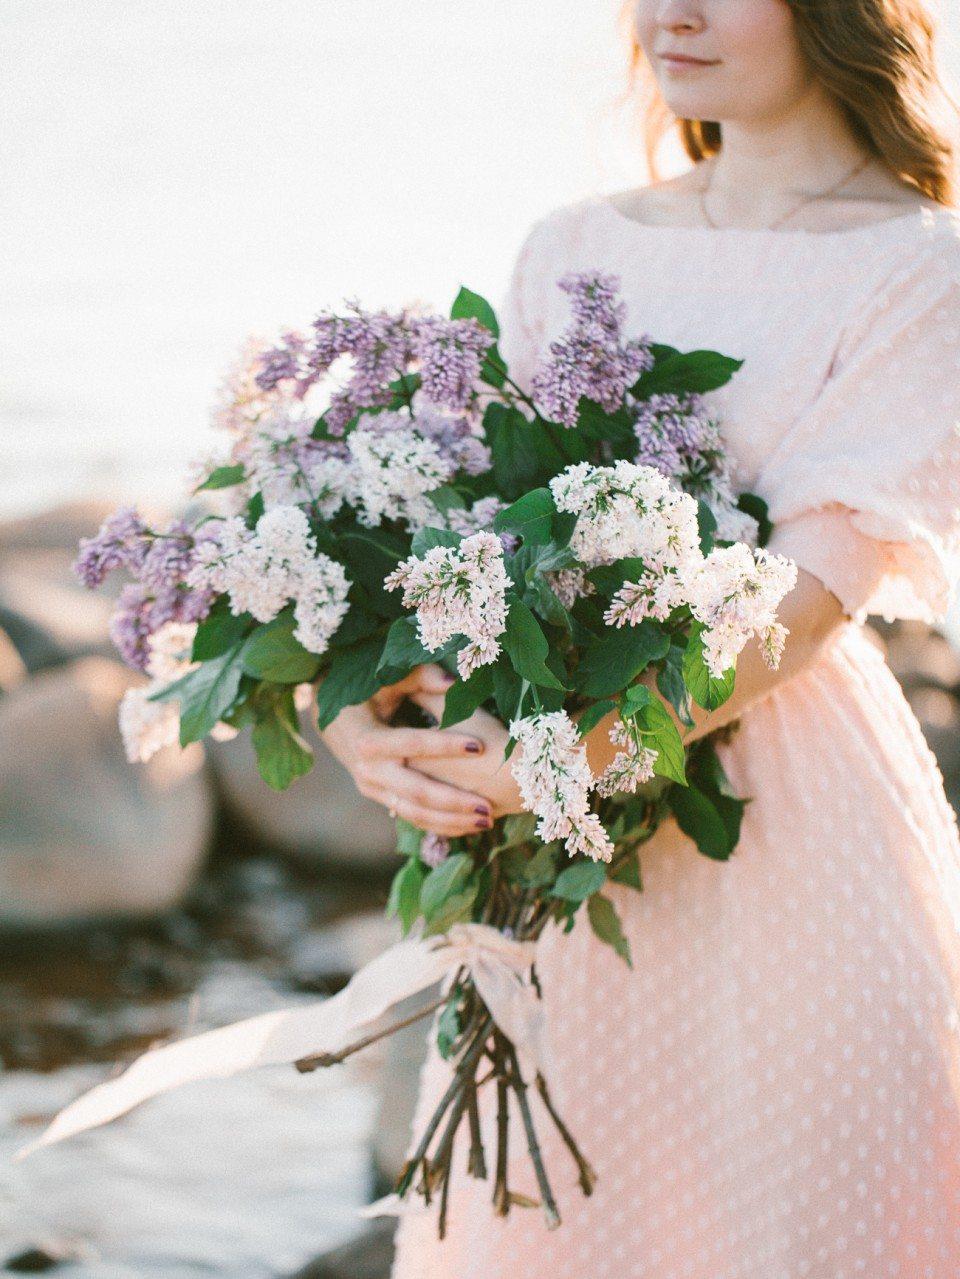 Вода и сирень: love-story Катерины и Леонида